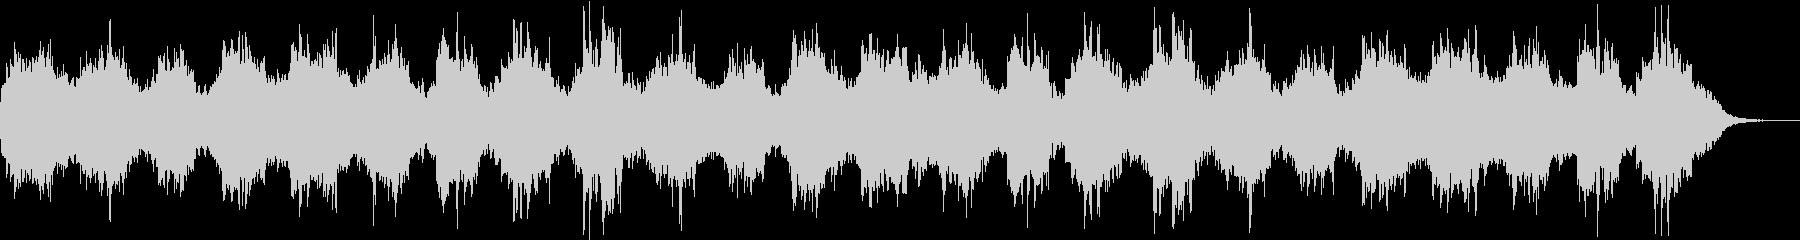 癒しの音楽の未再生の波形